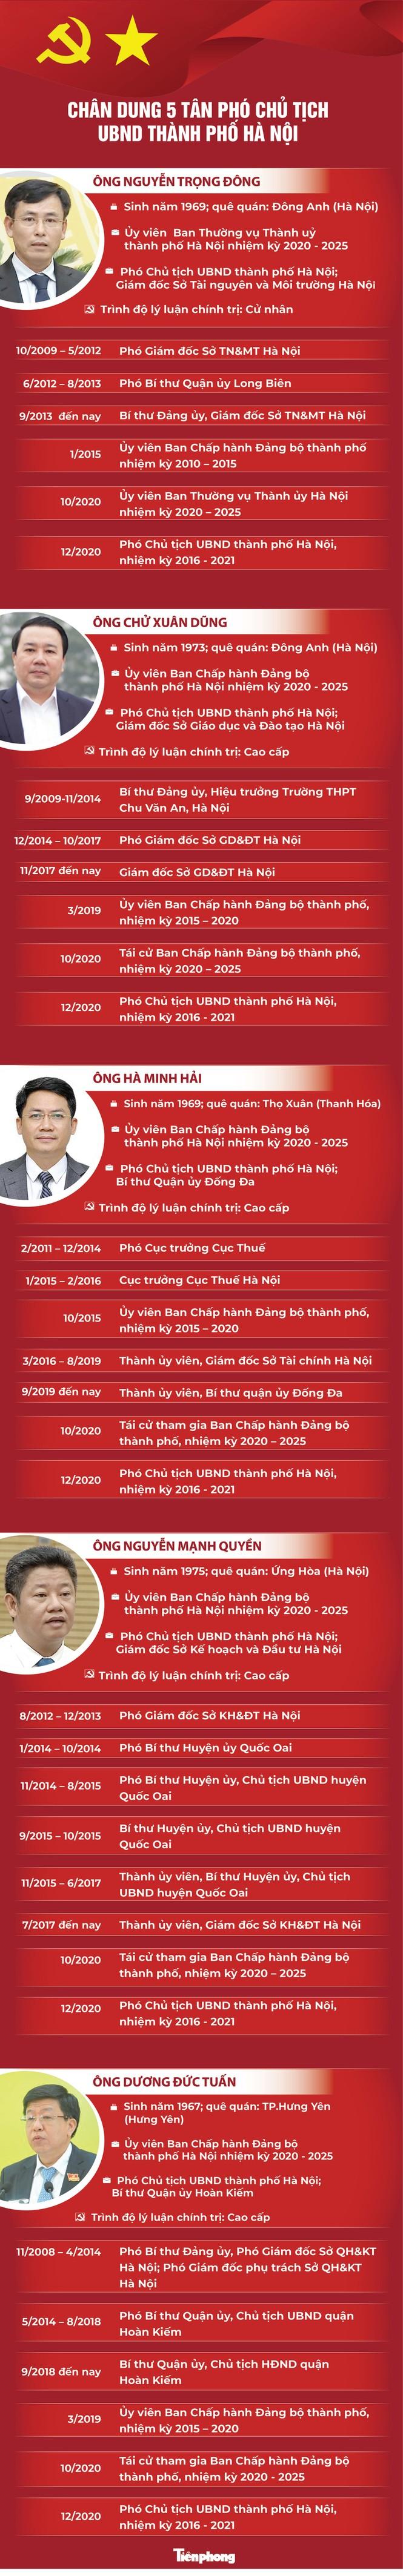 5 tân Phó Chủ tịch UBND thành phố Hà Nội - ảnh 1